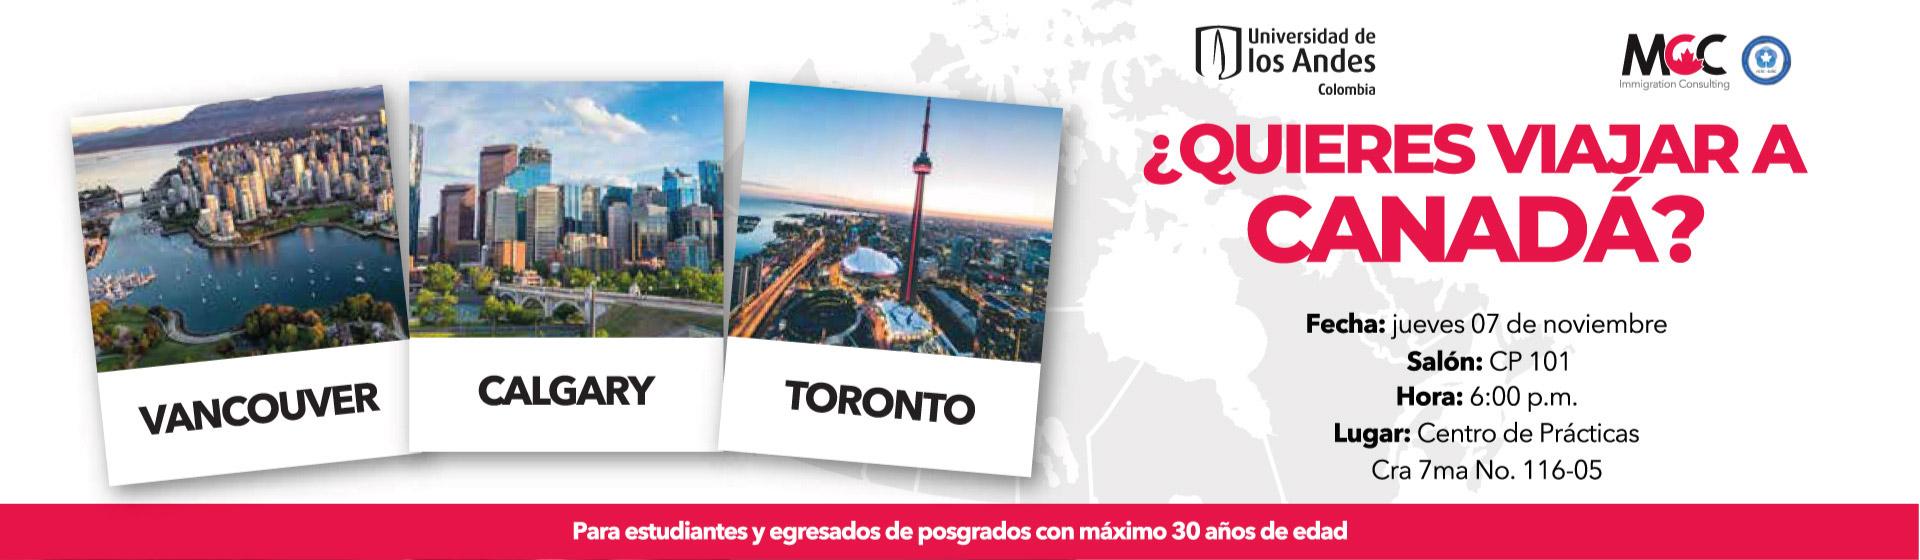 Viajar a Canadá